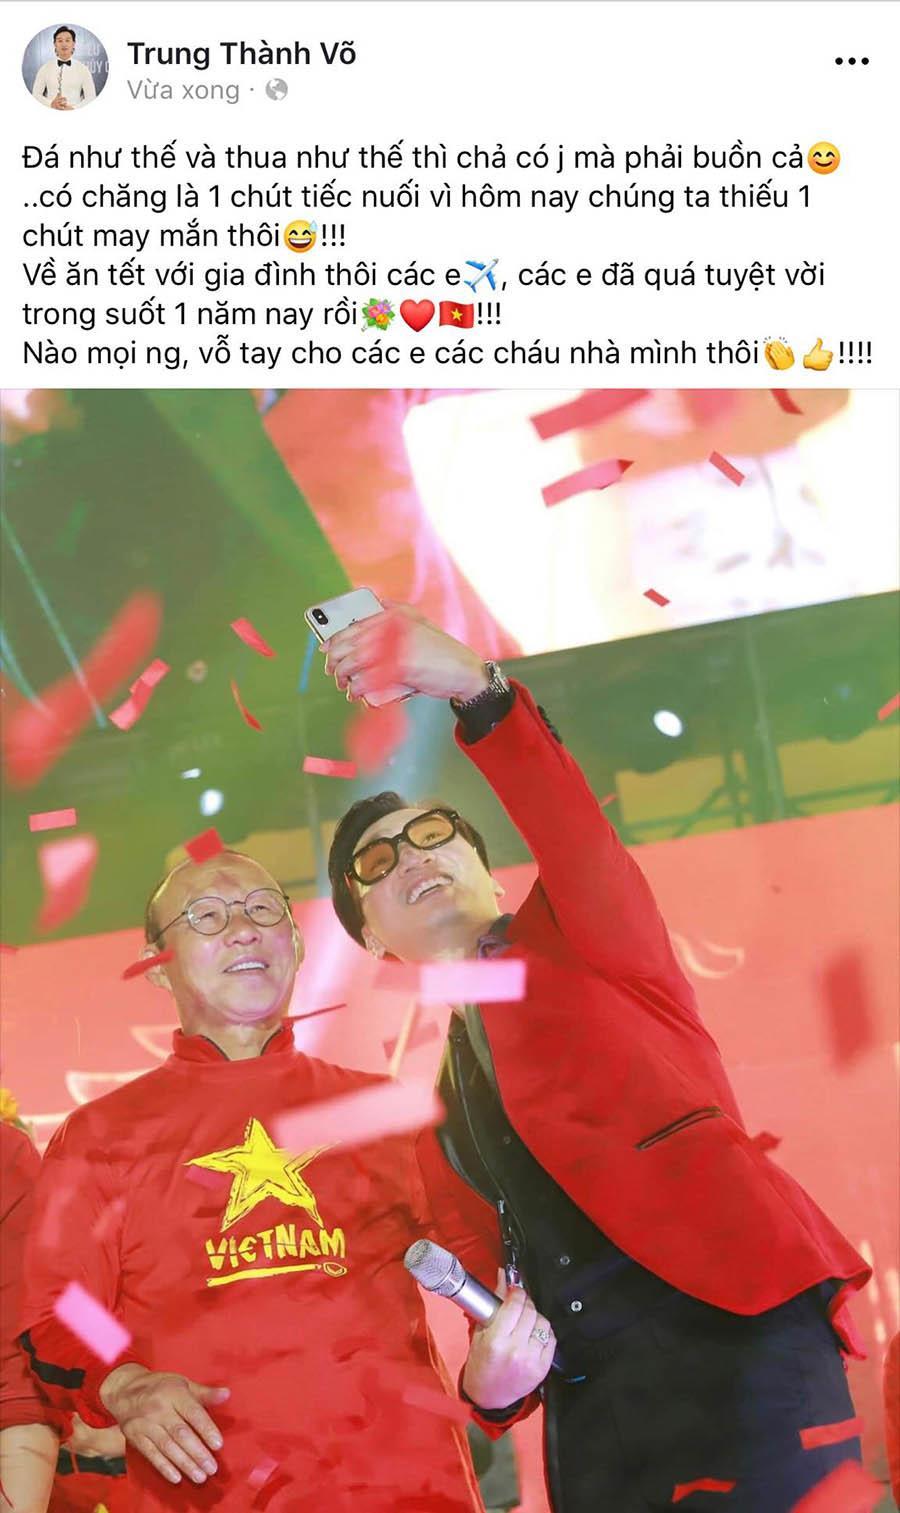 Xuân Bắc nể tinh thần quả cảm, MC Quang Minh bật khóc trước tinh thần chiến đấu của tuyển VN-7